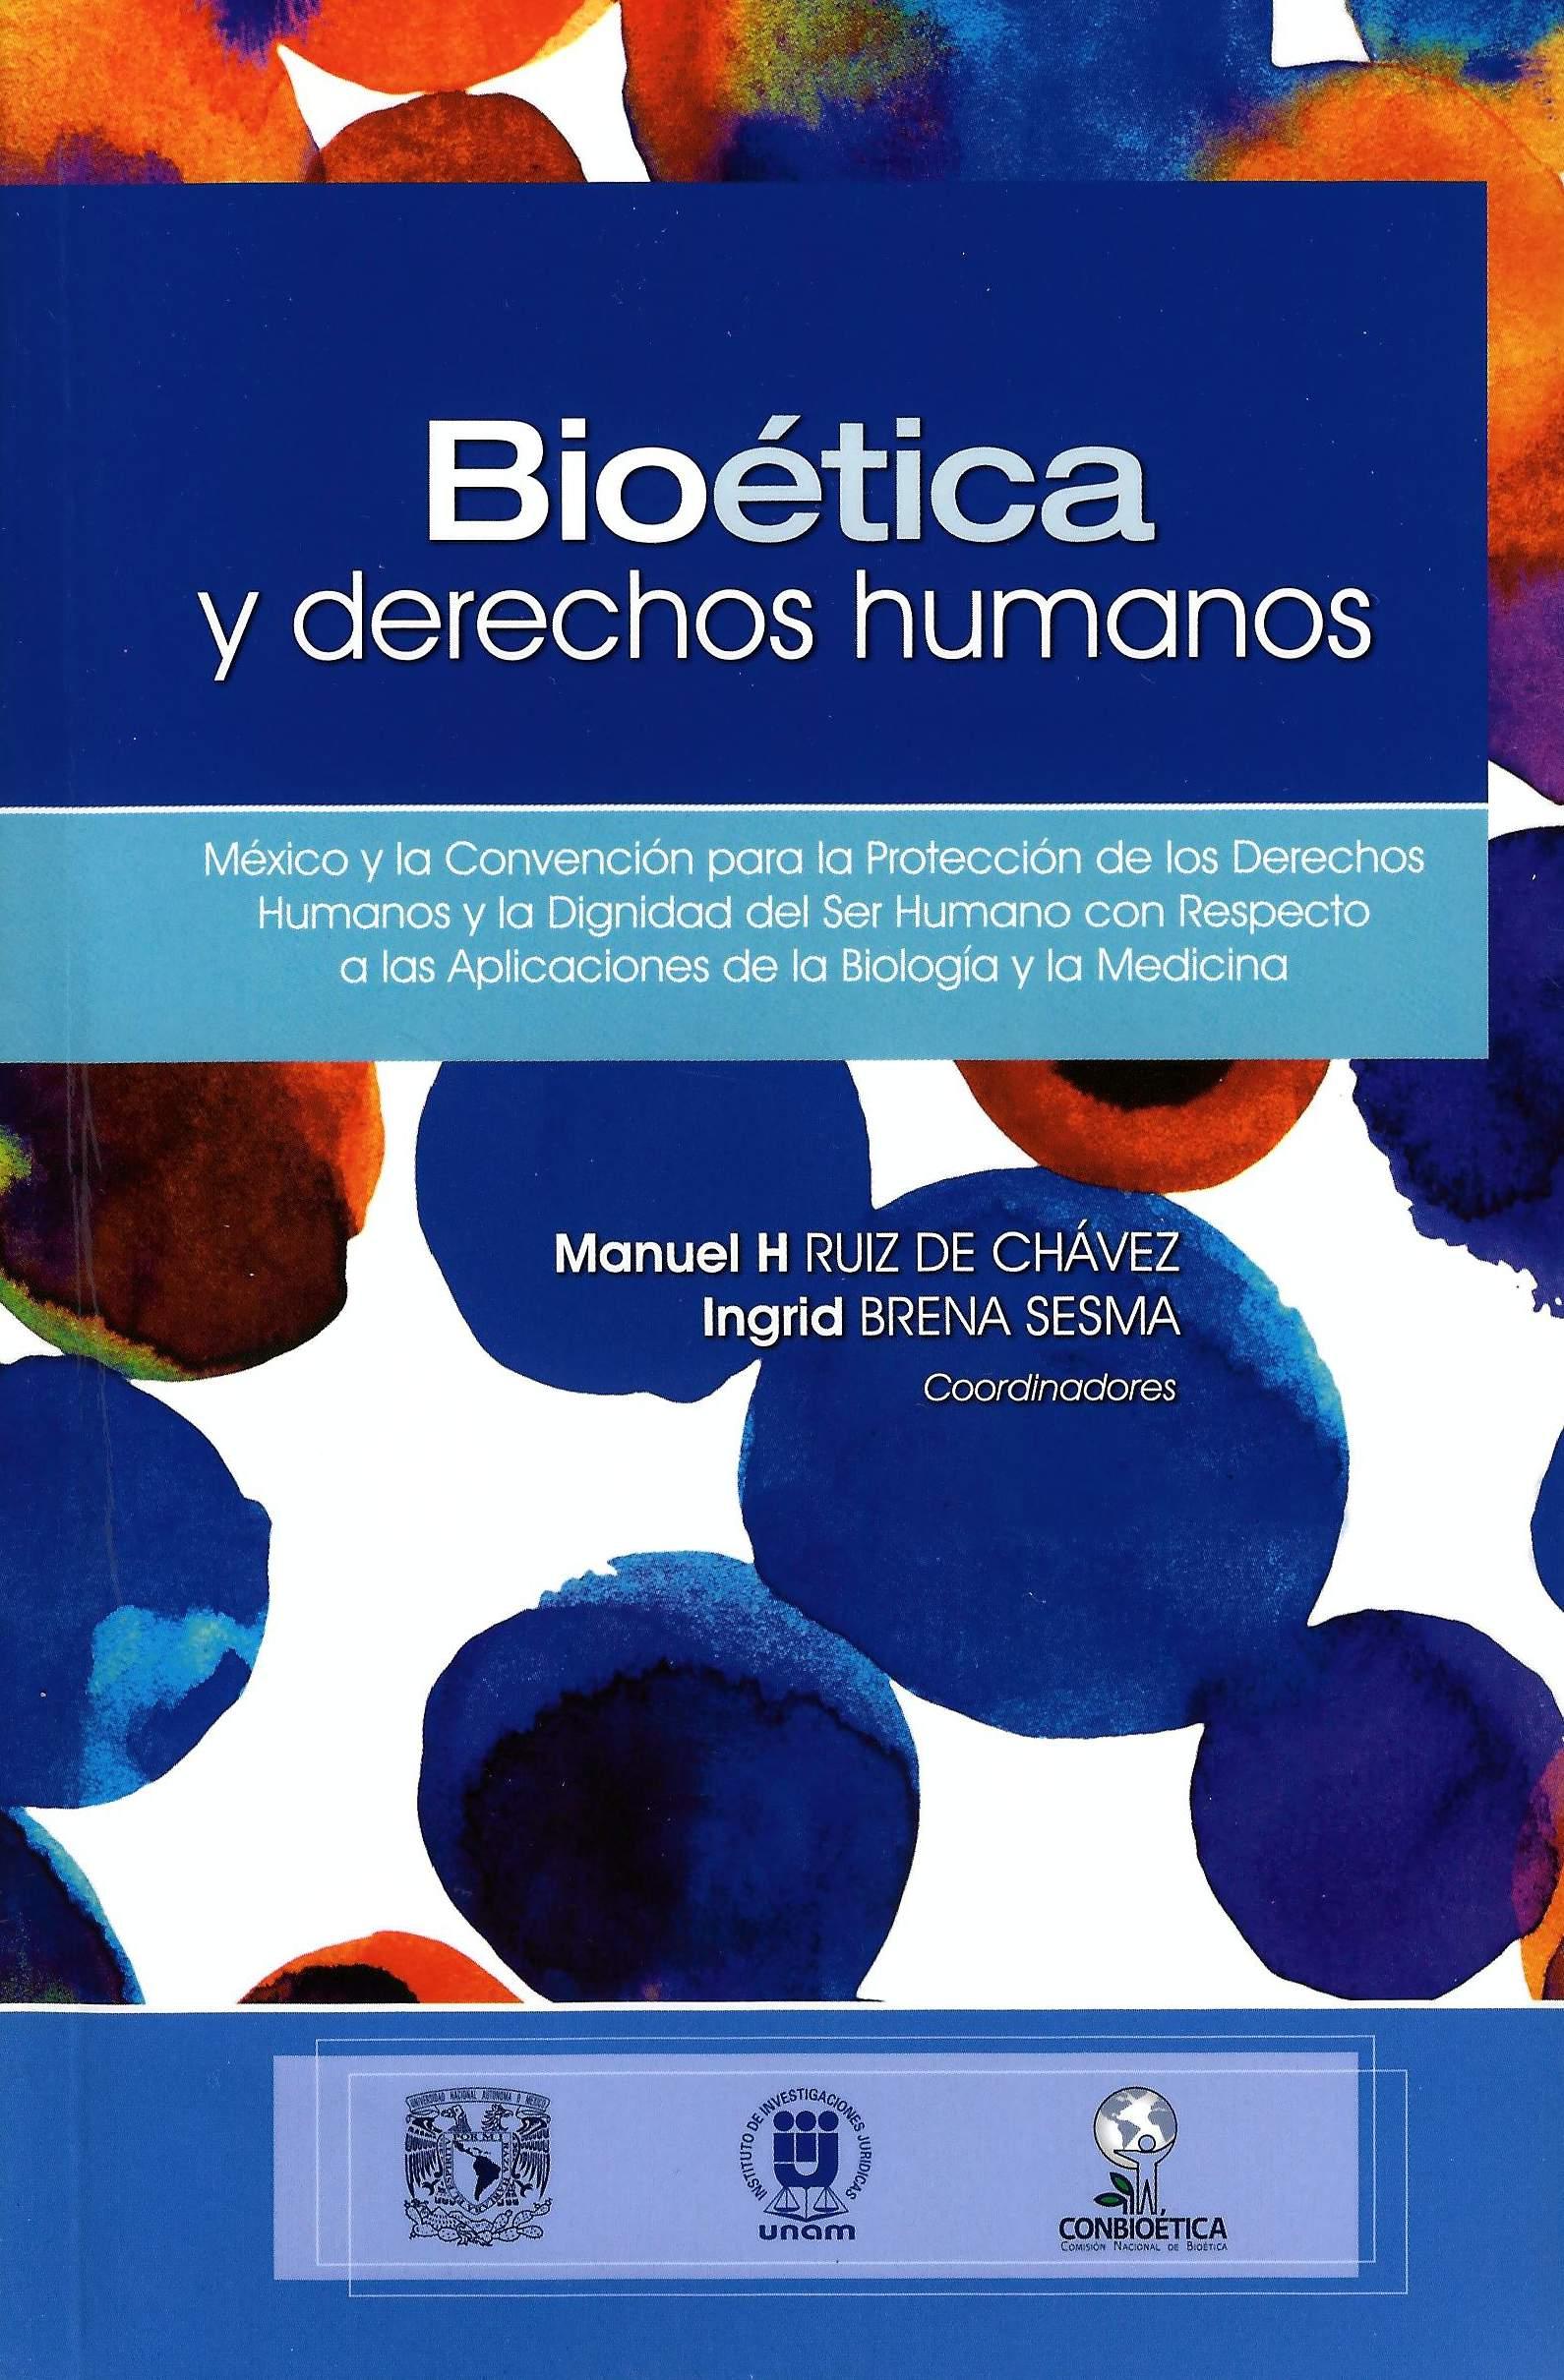 Bioética y derechos humanos México y la Convención para la Protección de los Derechos Humanos y La Dignidad del Ser Humano con Respecto a las Aplicaciones de la Biología y la Medicina